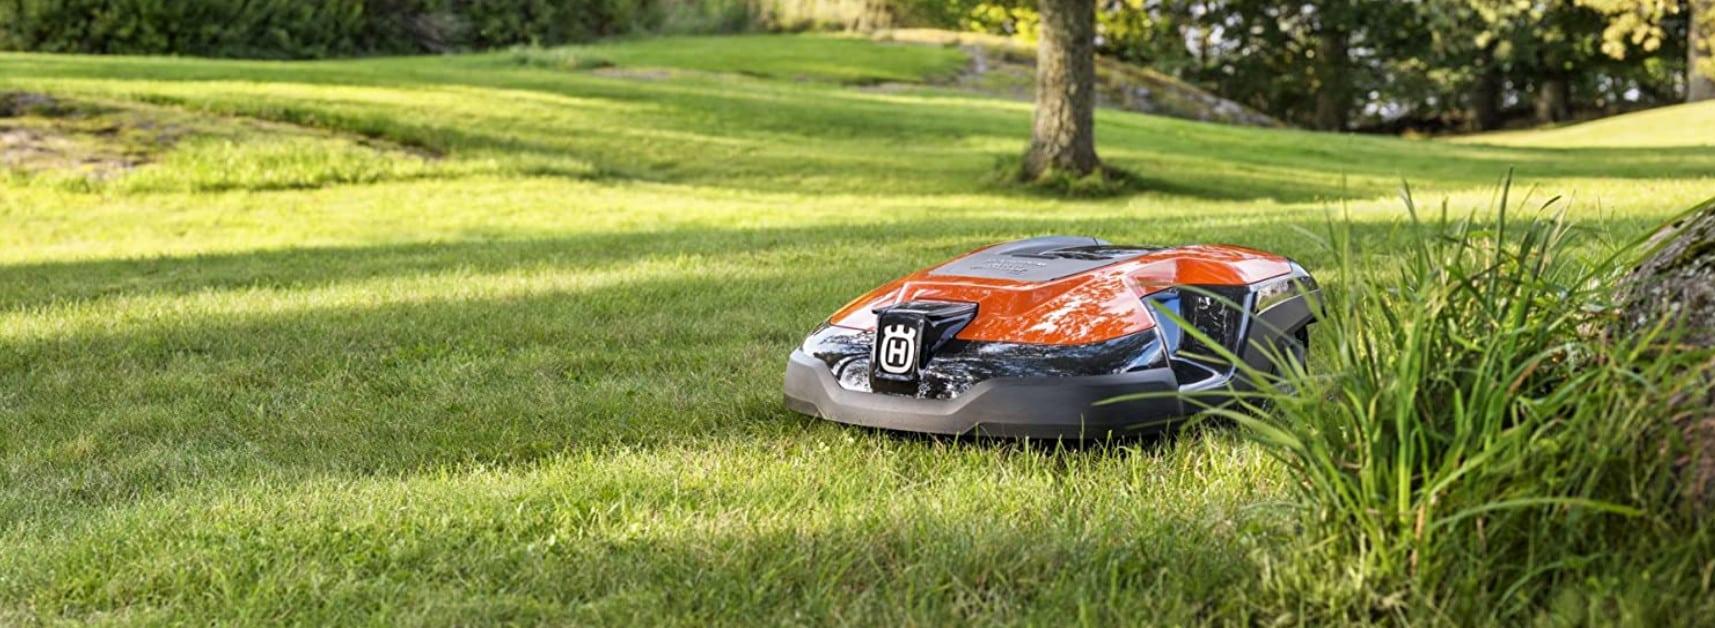 Comparatif pour choisir le meilleur robot tondeuse grande surface